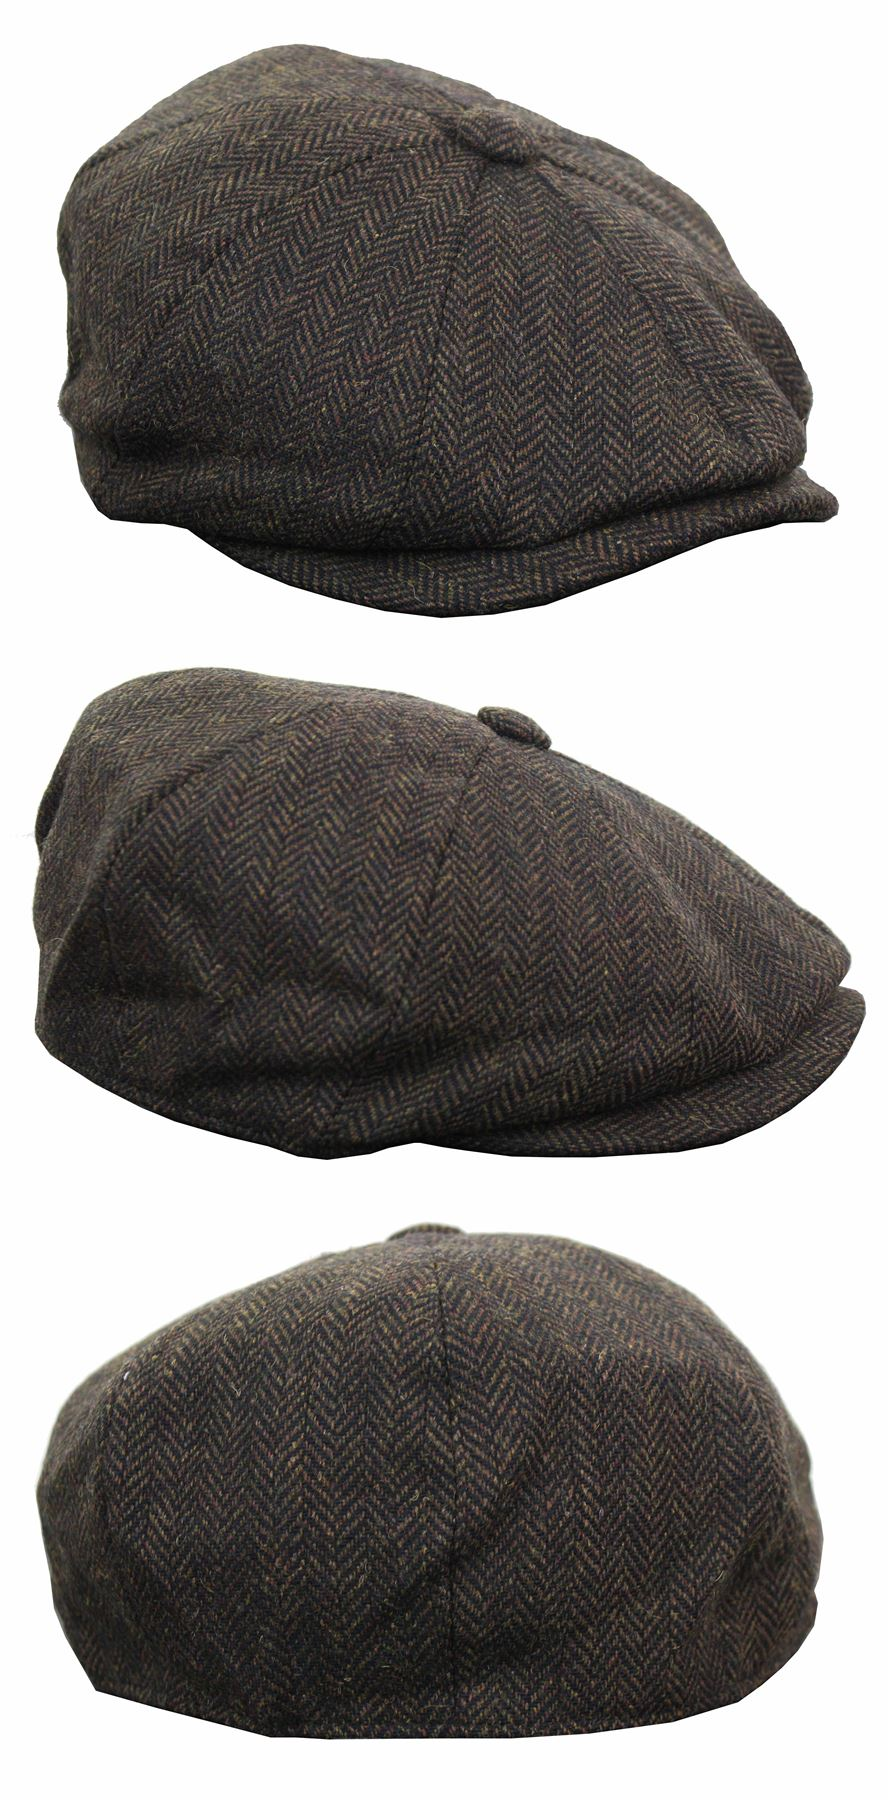 King Ice Casquette en tweed pour homme de style vendeur de journeaux Peaky Blinders grand p/ère carreaux rebord /élastiqu/é